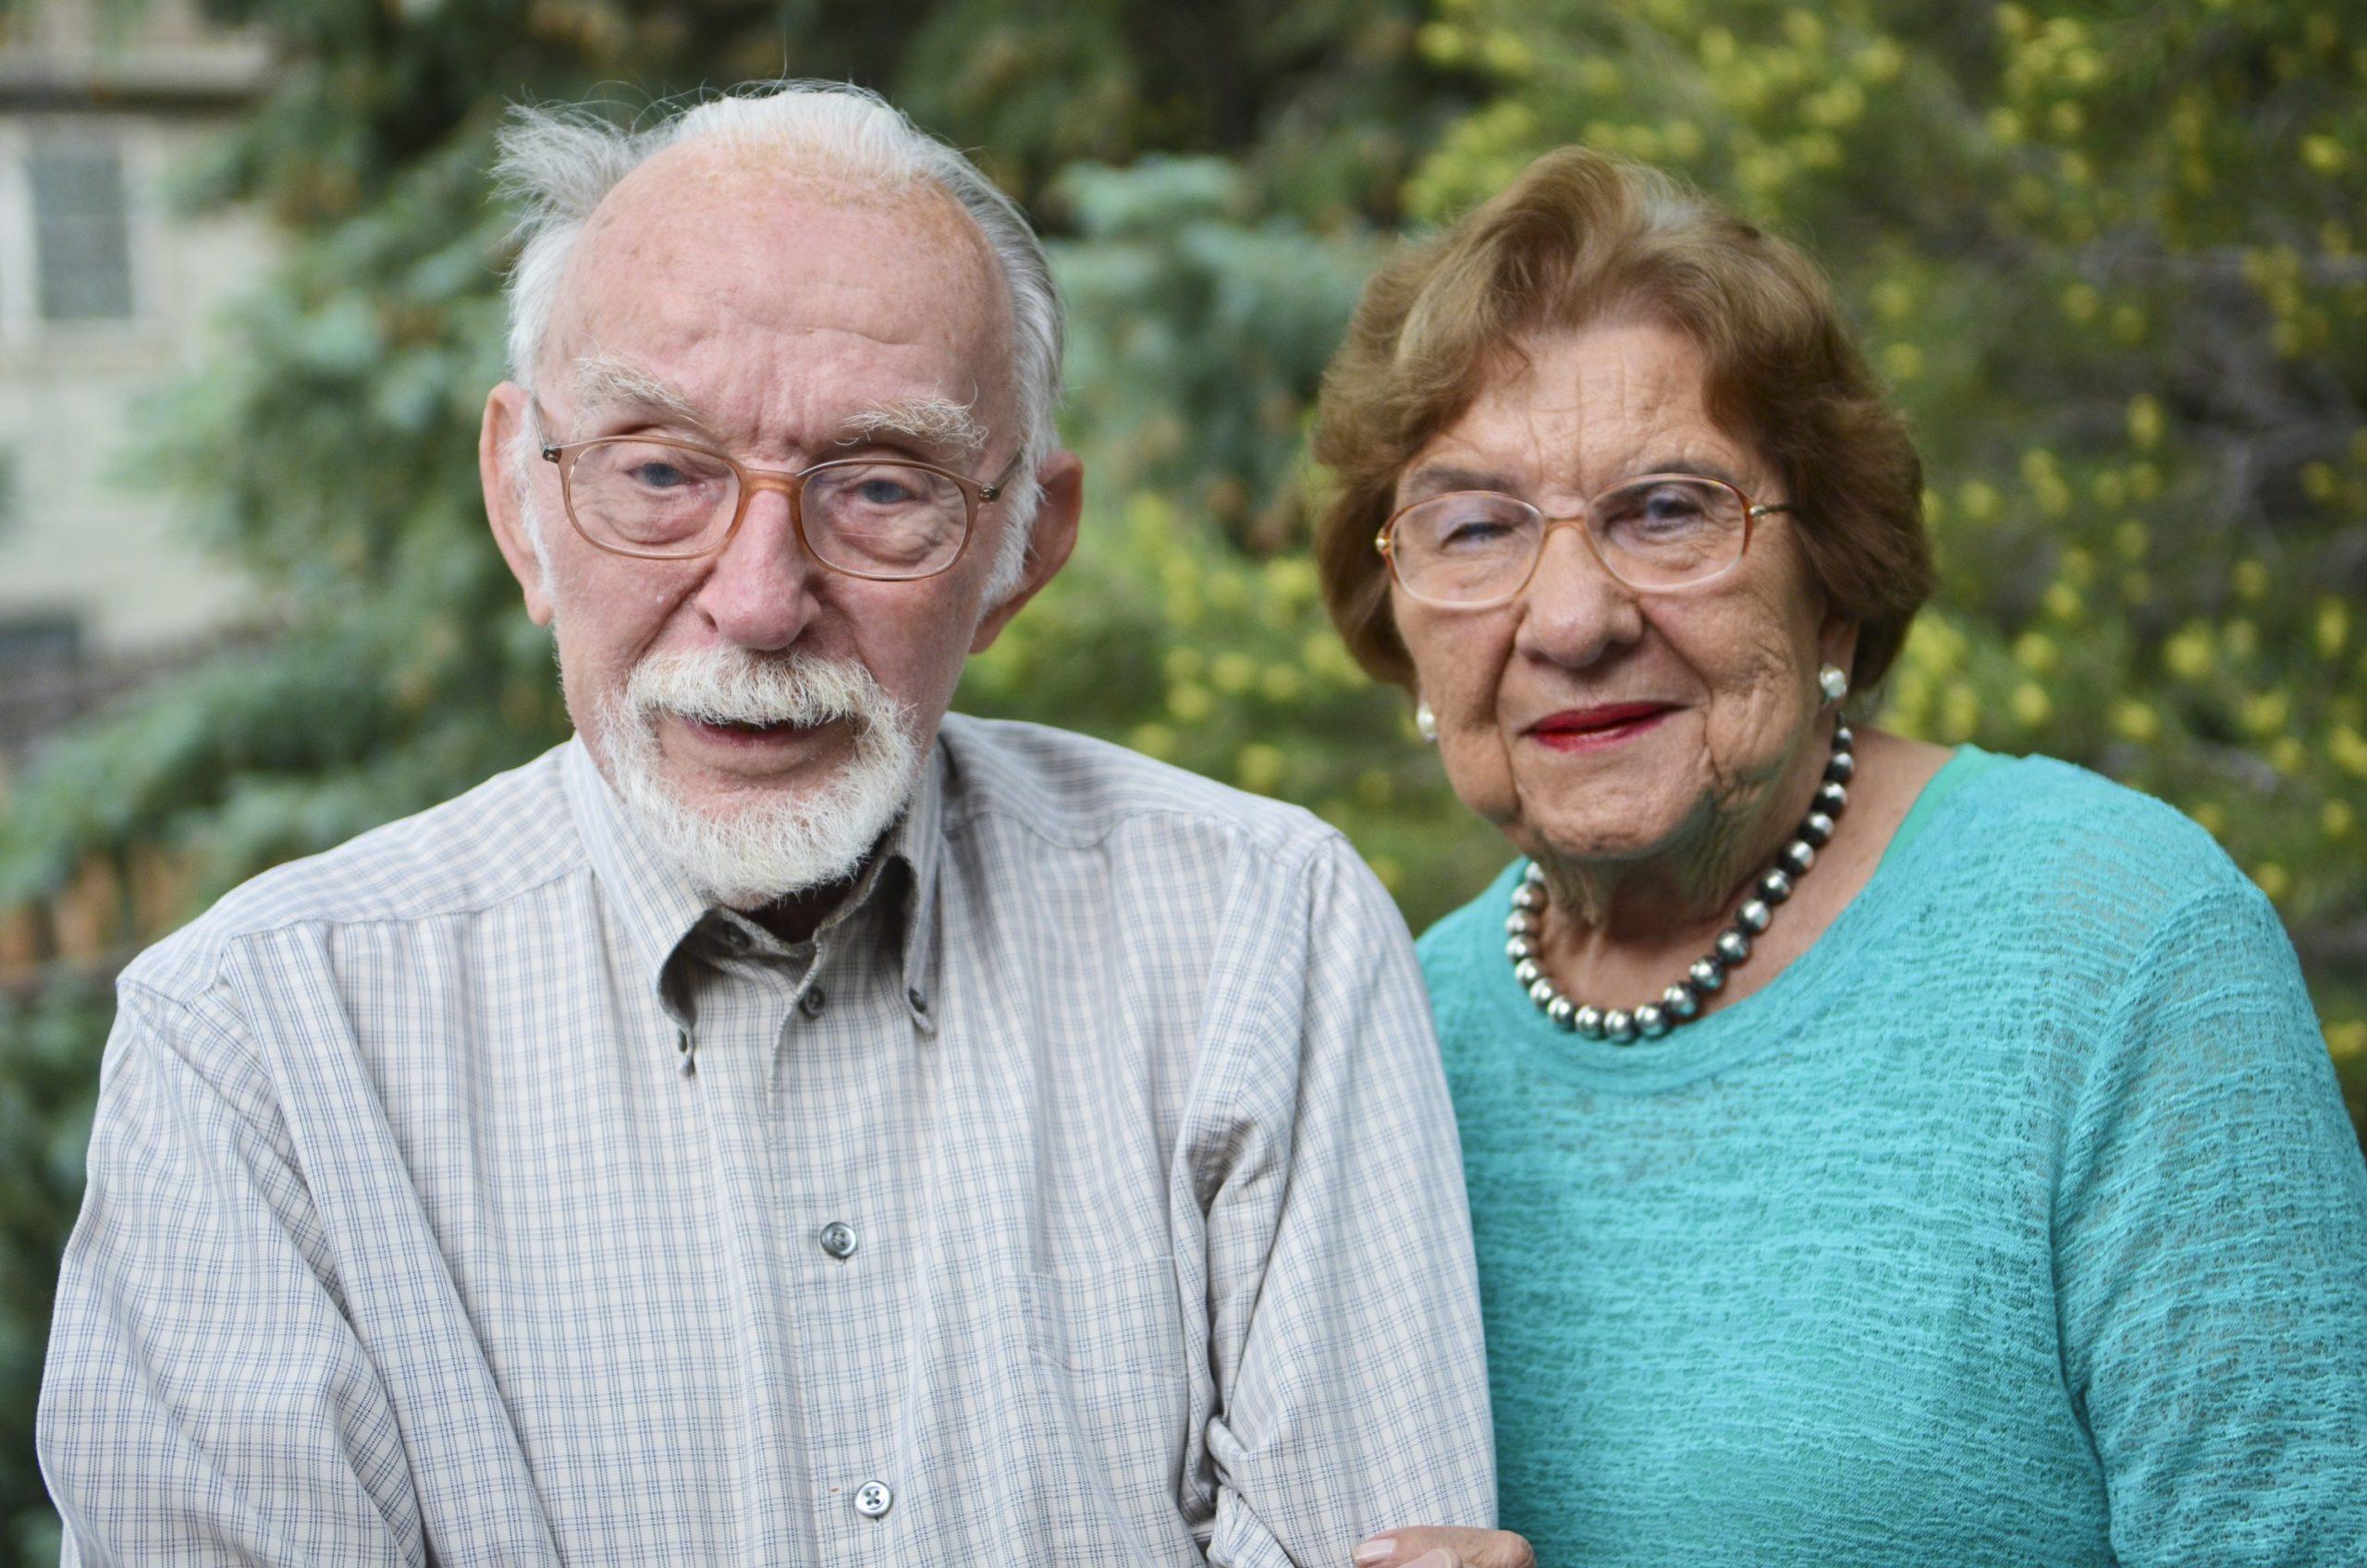 Um homem idoso e uma mulher dão os braços e posam para a câmera.